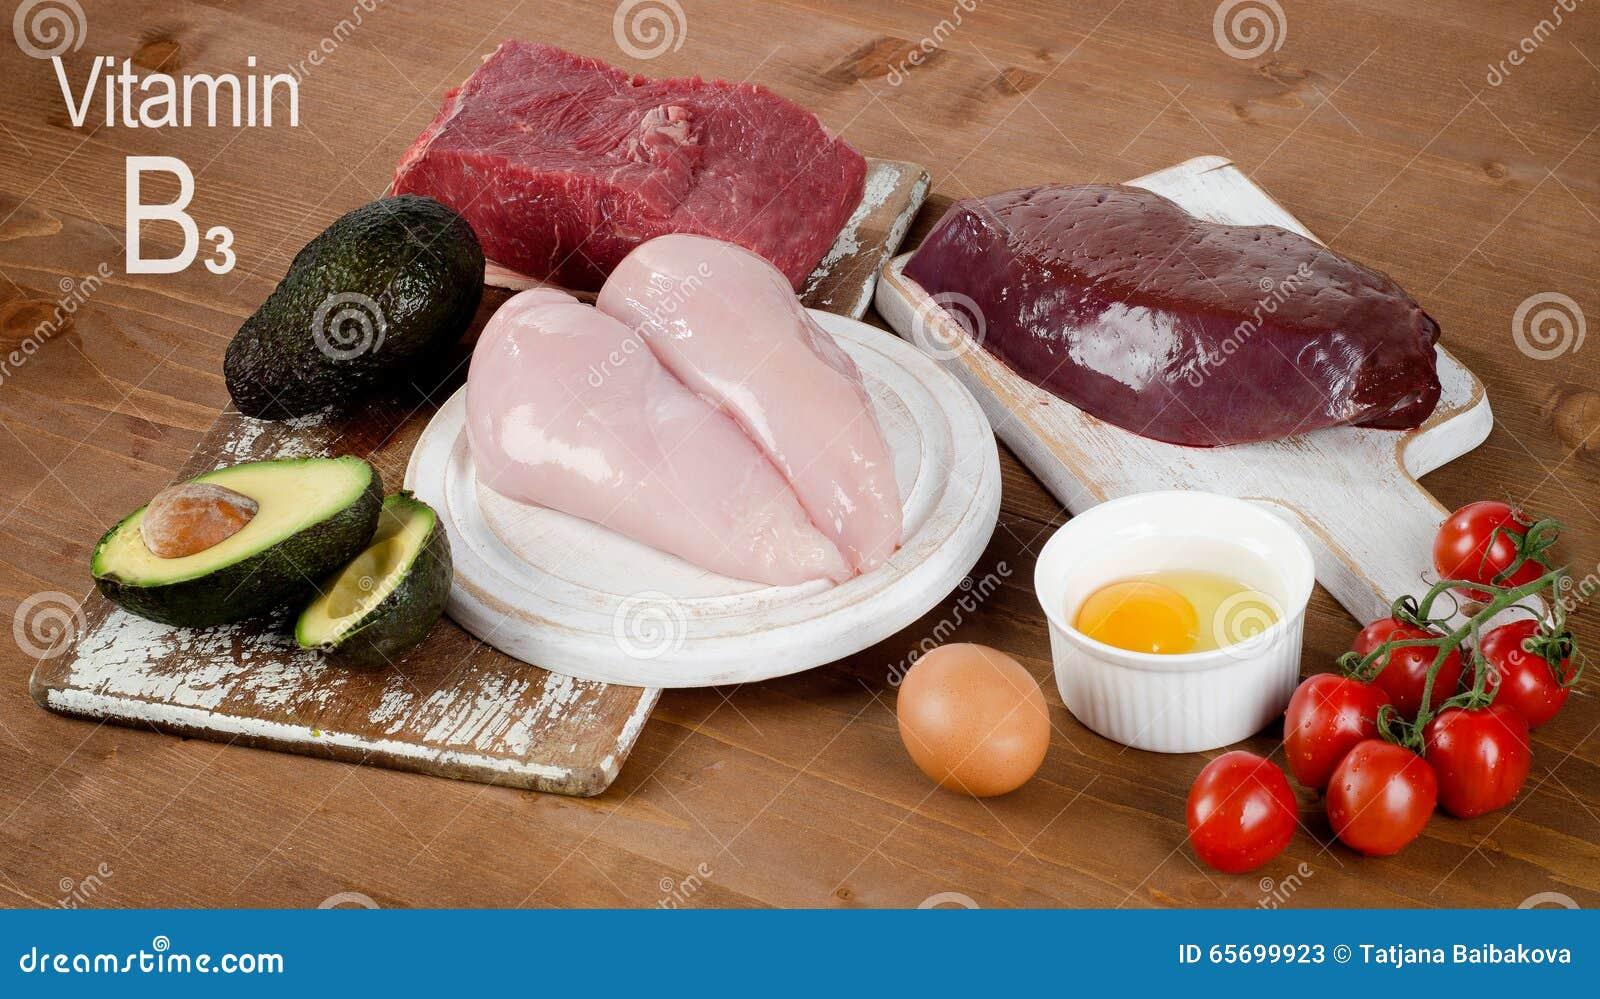 Voedsel Hoog in Vitamine B3